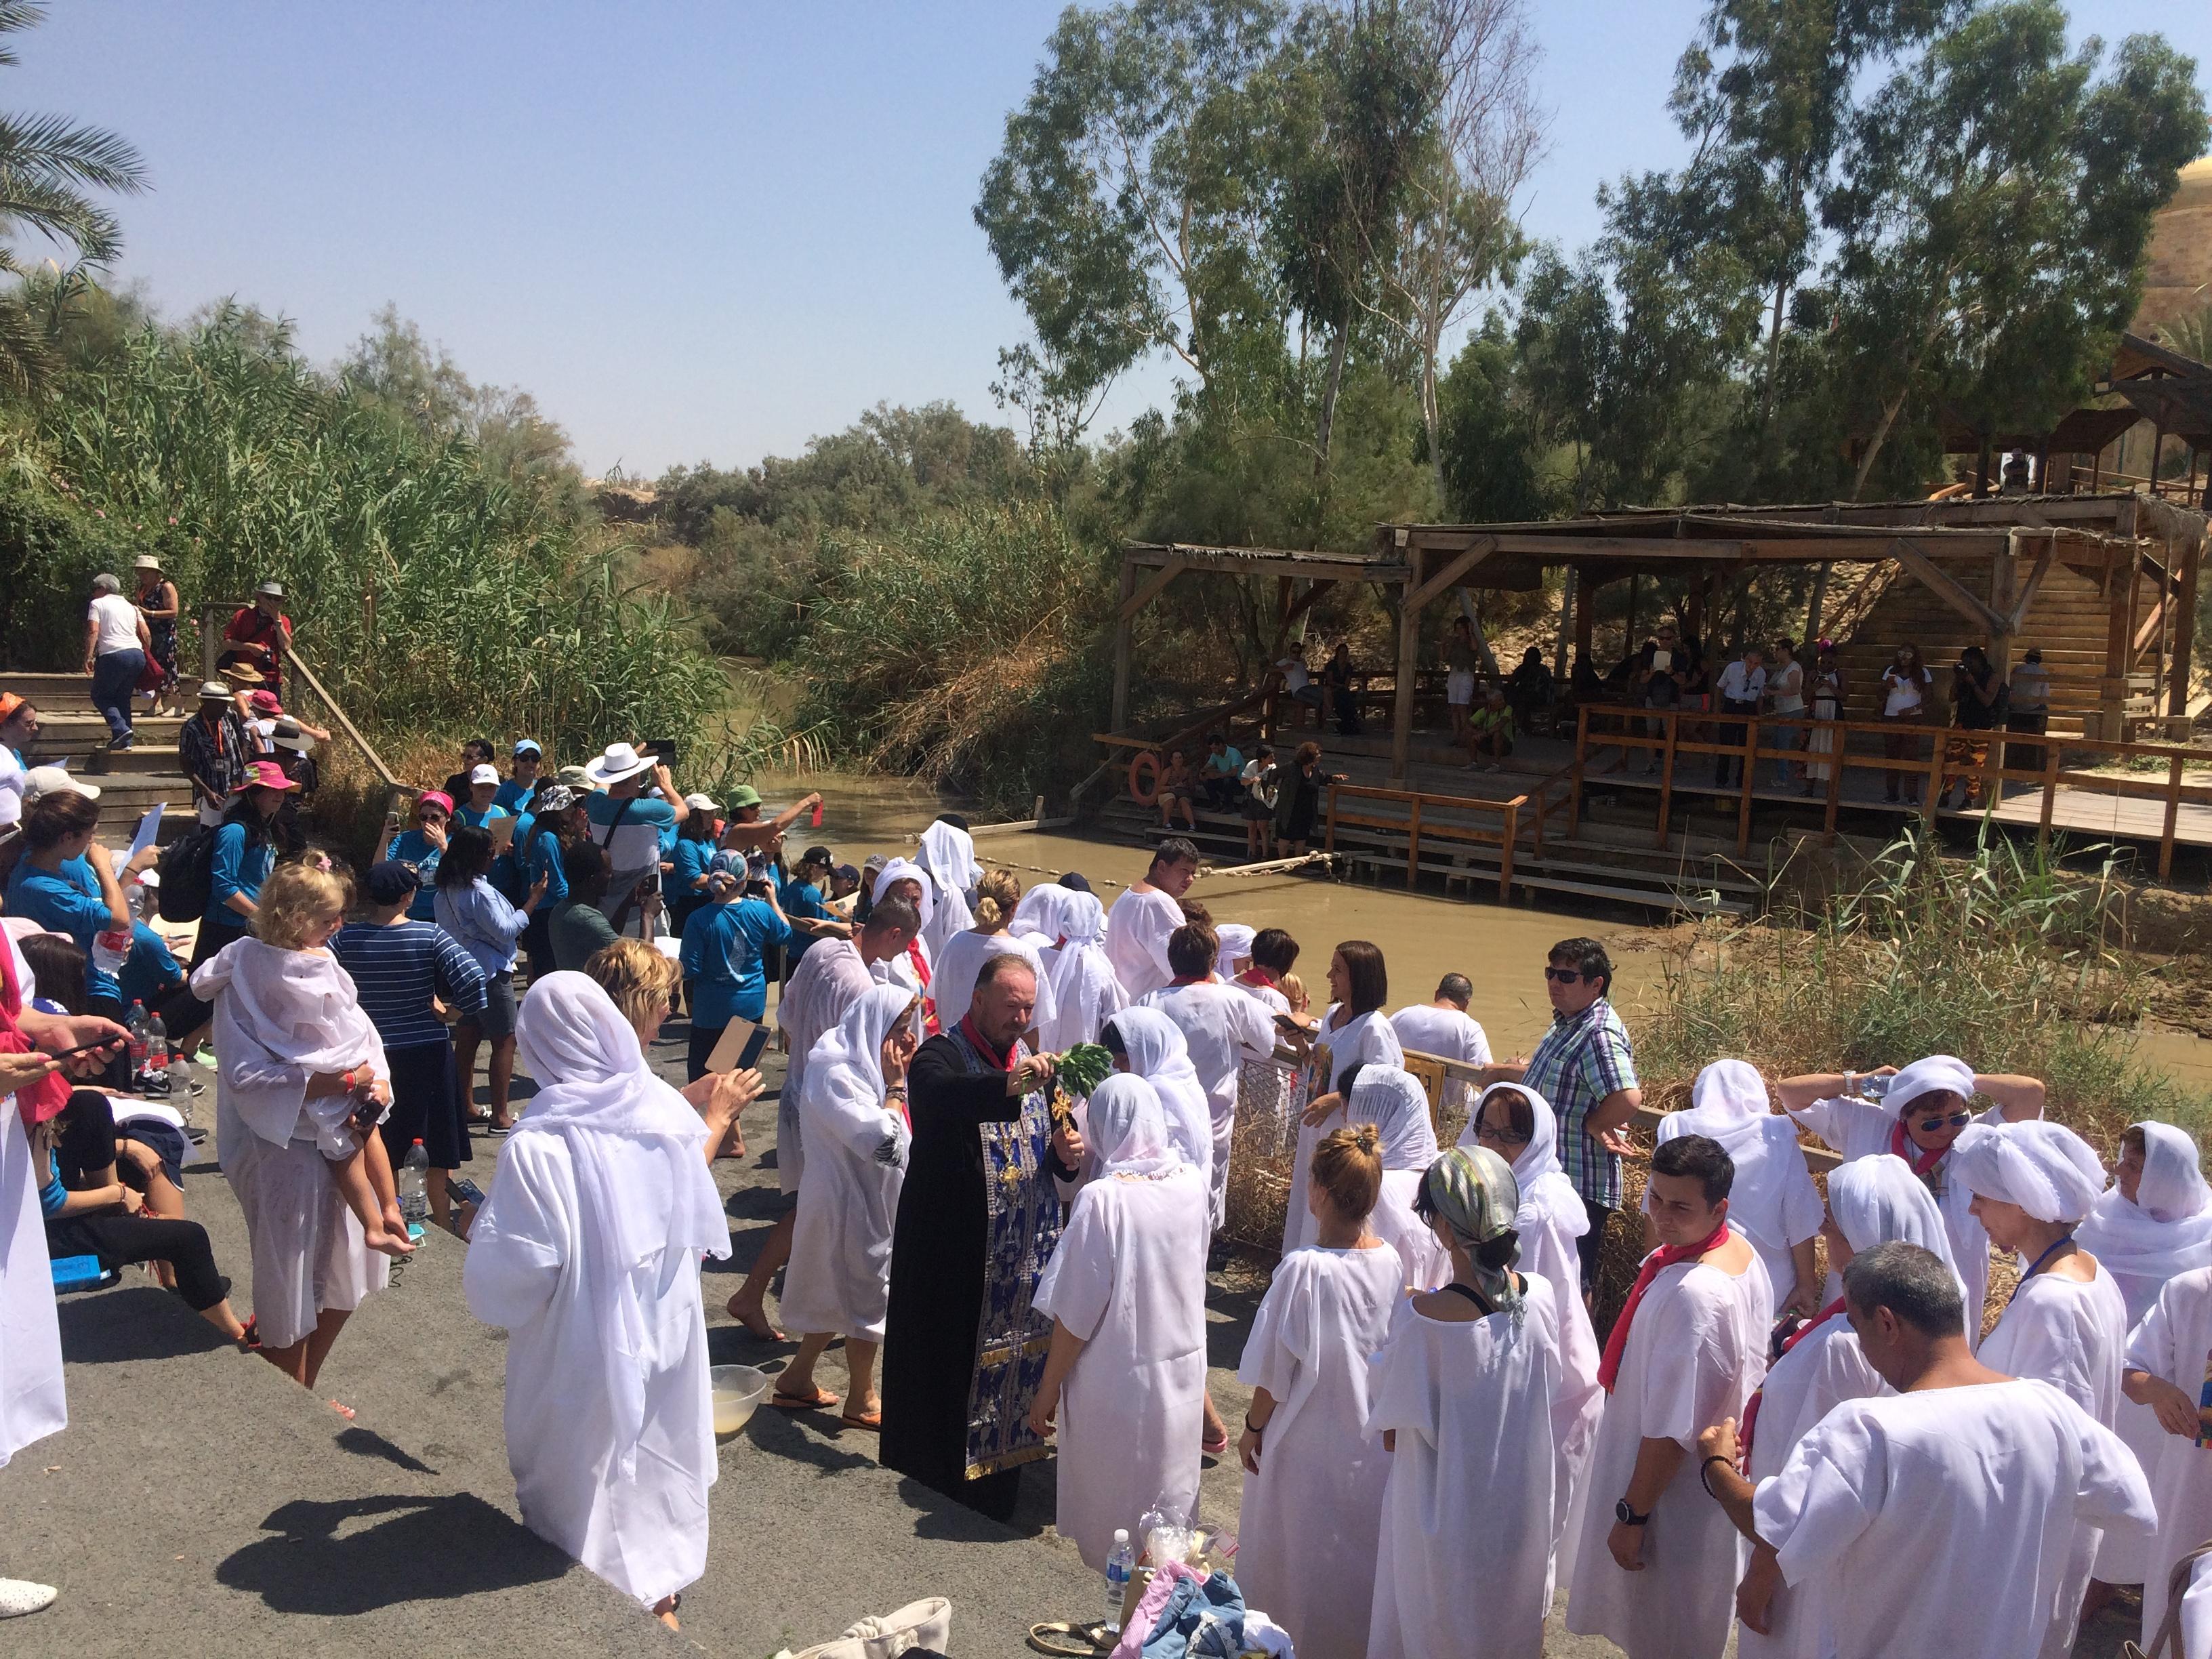 Pèlerins renouvelant leur baptême au Jourdain à l'endroit présumé où prêchait Jean-Baptiste (Crédits photo: H. Giguère)